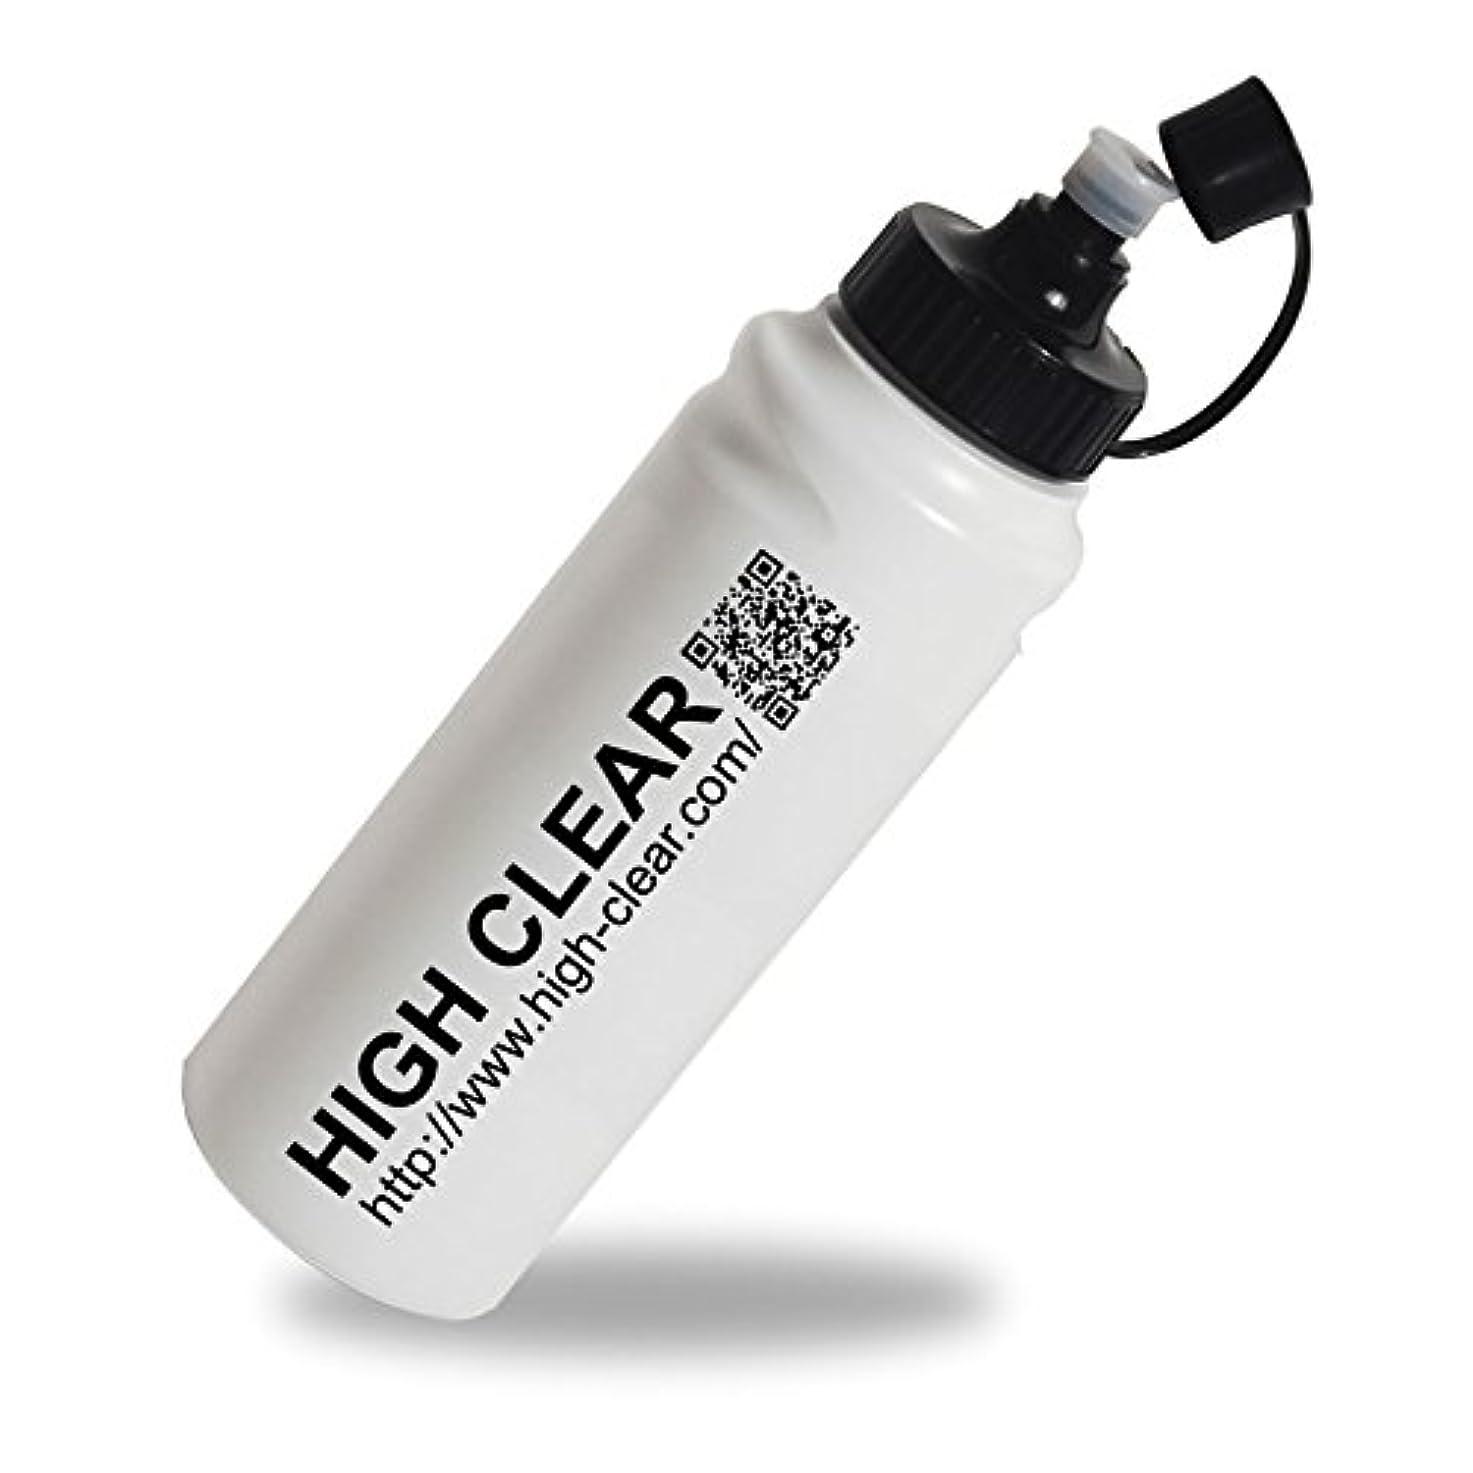 驚感心するリゾートHIGH CLEAR(ハイクリアー)ウォーターボトル1000ml